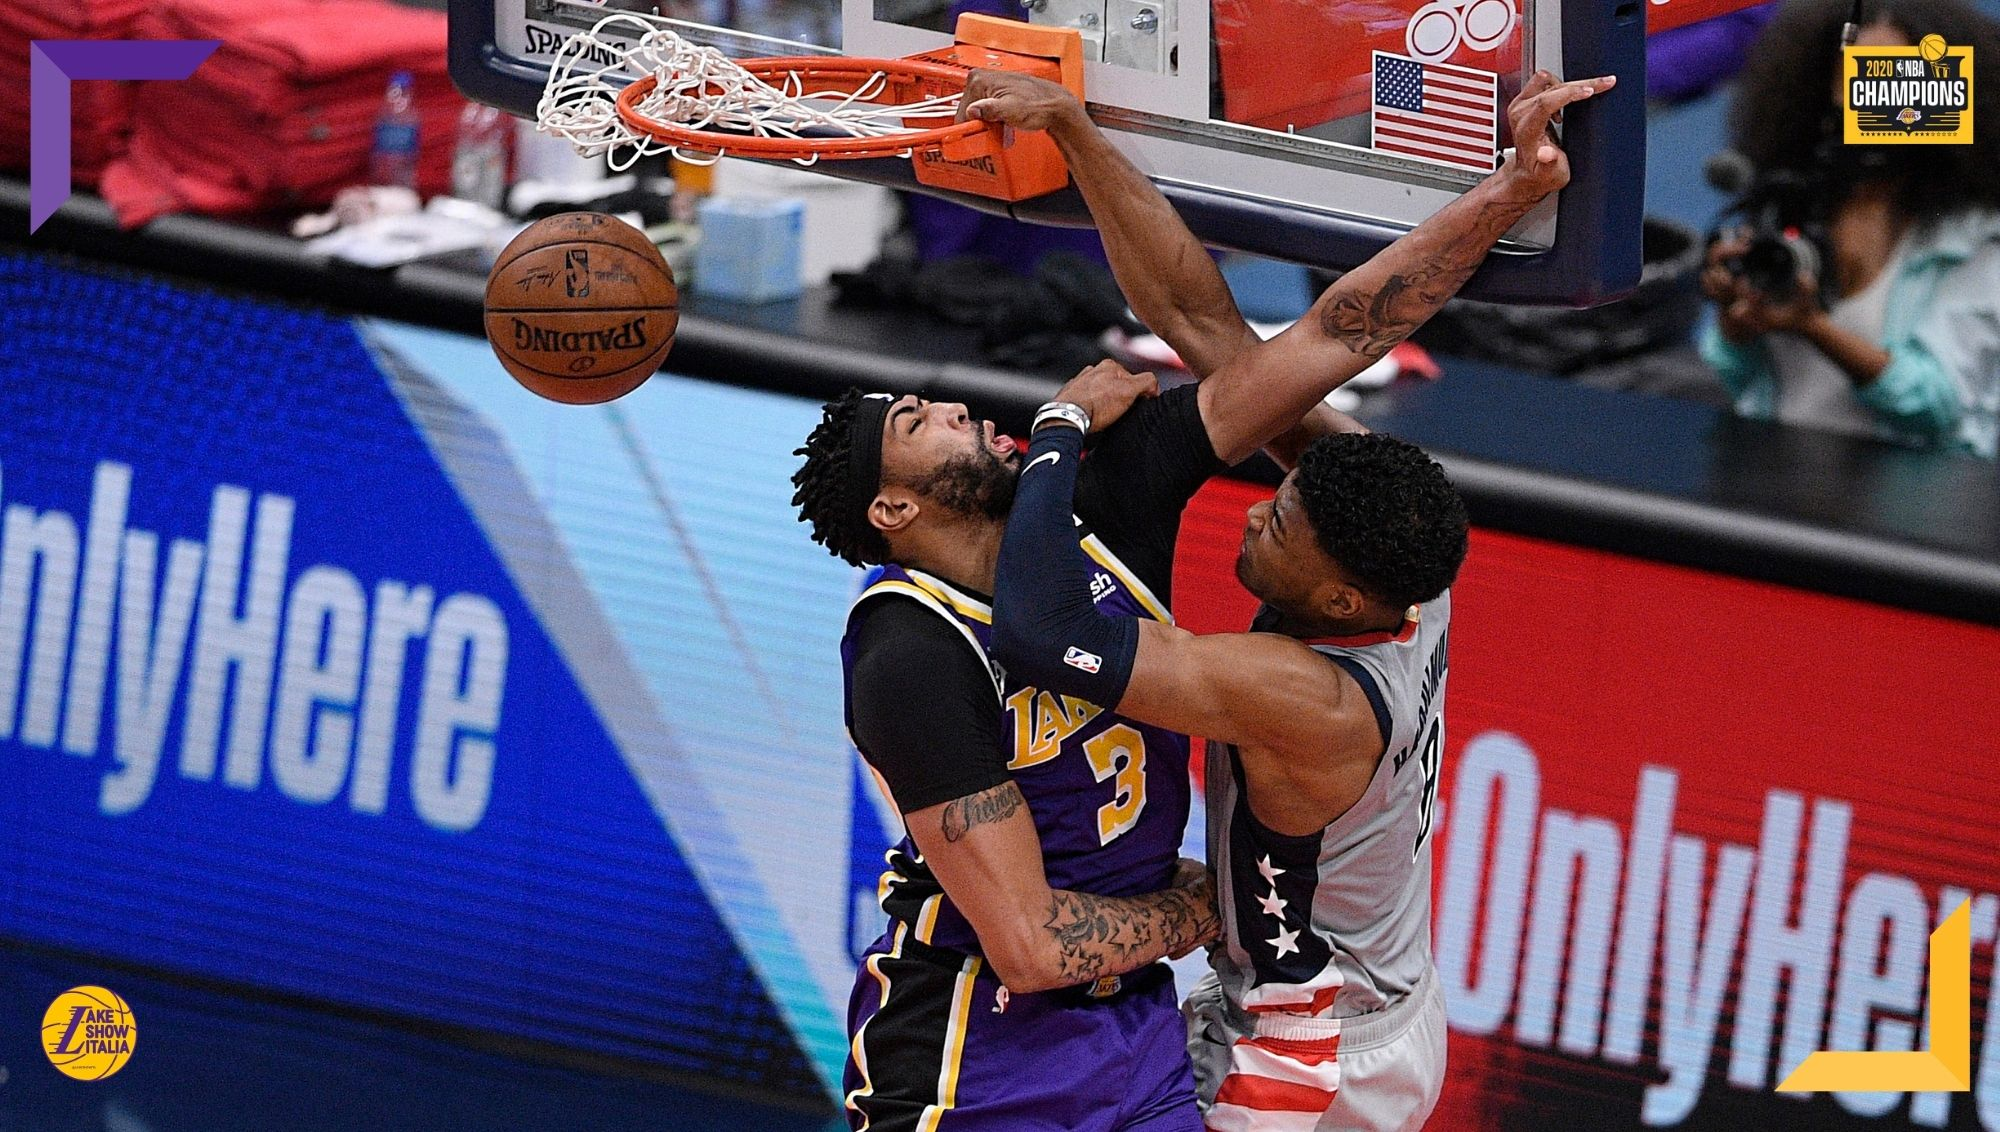 Brutta prova dei Los Angeles Lakers, sconfitti senza appello dai Washington Wizards. Male Anthony Davis, che aggiusta le cifre a gara finita.